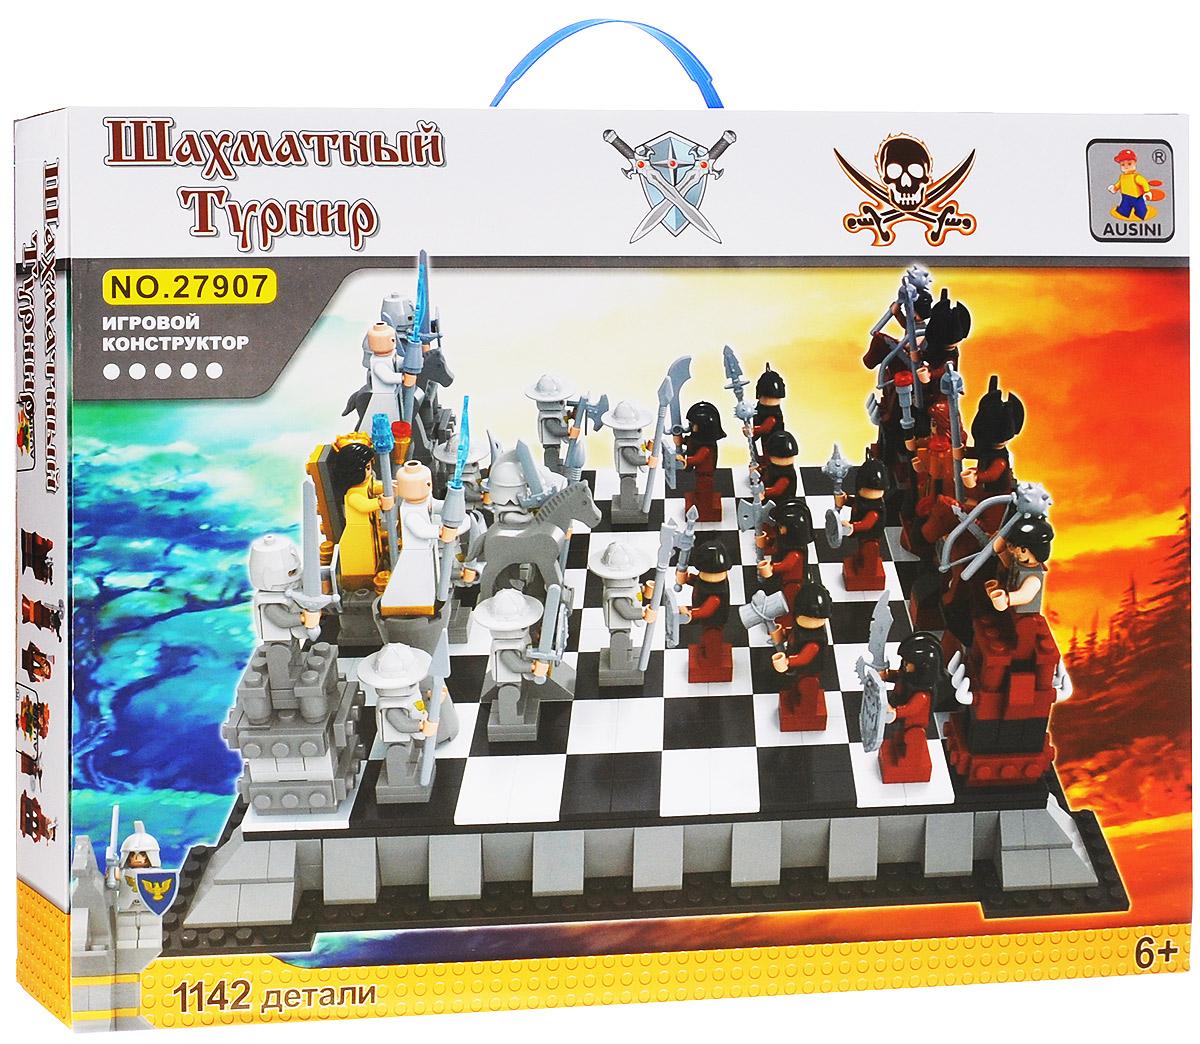 Ausini Конструктор Шахматы 2790727907Конструктор Ausini Шахматы состоит из 1142 элементов, с помощью которых ребенок сможет построить большую шахматную доску с фигурками человечков вместо шахмат. Игра в шахматы превращается в настоящее развлечение, теперь шахматные ходы предстают, как настоящие битвы между двумя войсками. Детали конструктора легко соединяются между собой, а также совместимы с конструкторами других марок. Малыш часами будет играть с этим конструктором, придумывая разные истории и комбинируя детали. Конструктор Ausini Шахматы - это замечательная развивающая игрушка, которая не только развлечет вашего ребенка, но и будет способствовать развитию мелкой моторики, тактильного и визуального восприятия, мышления, воображения, внимательности и усидчивости, а также познакомит его с основами моделирования и конструирования.